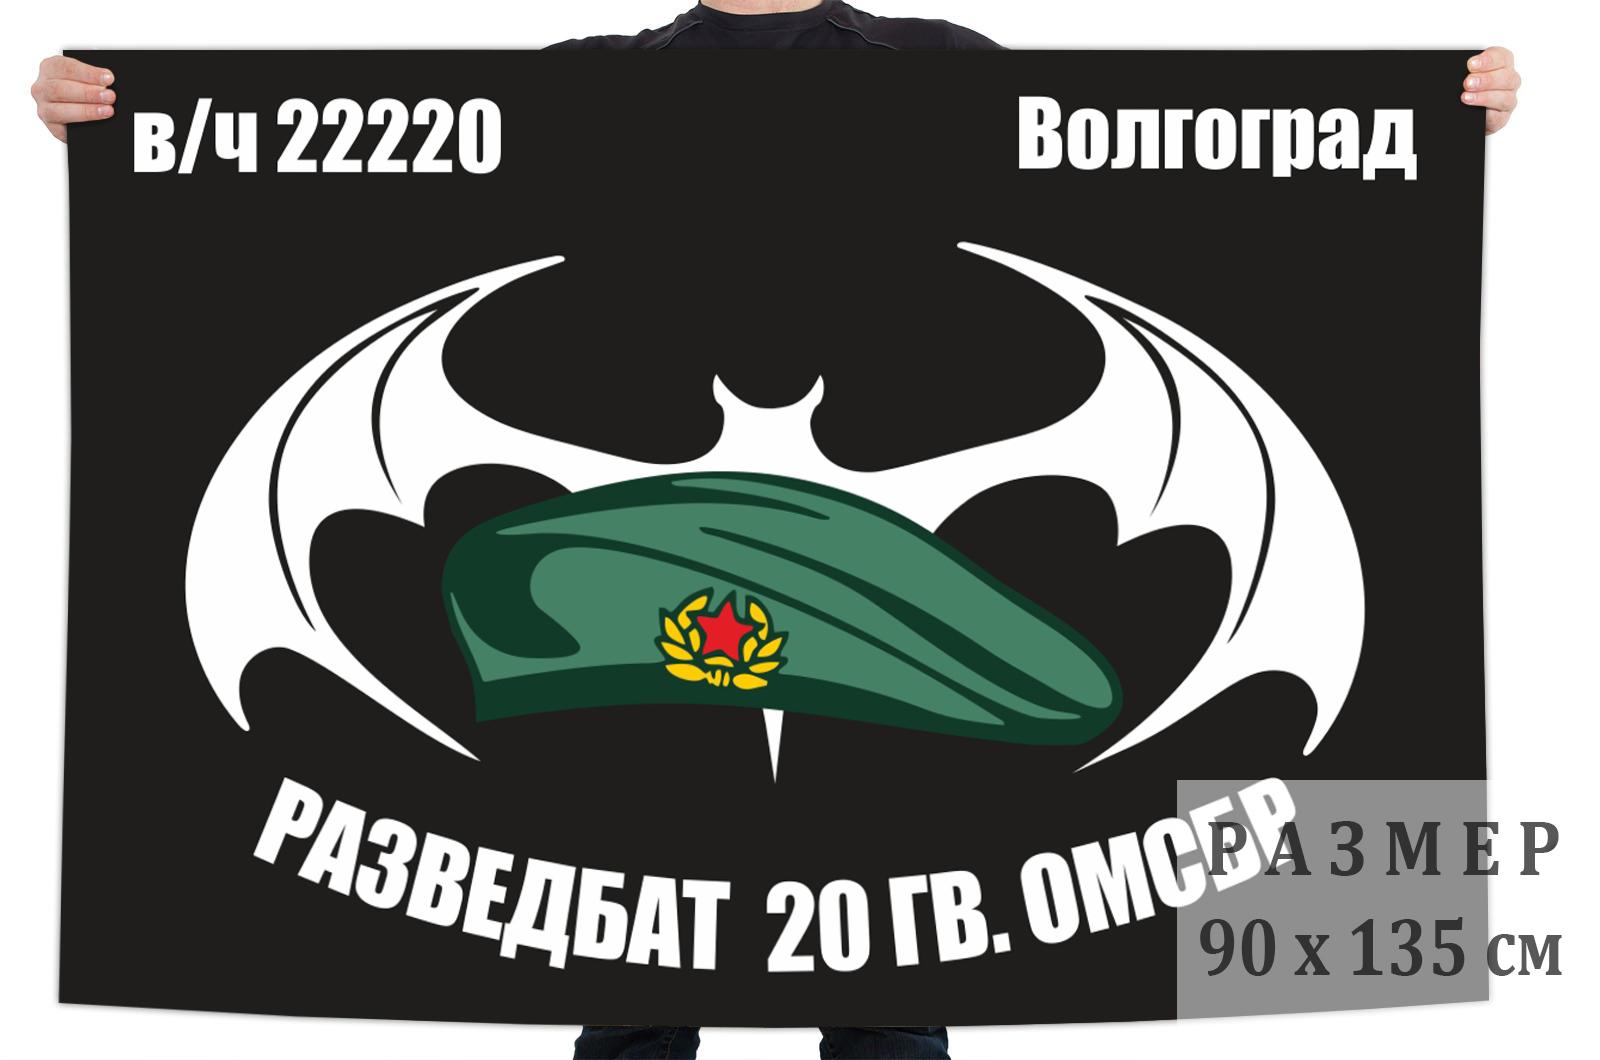 Флаг Разведбата 20 Гв. ОМСБр